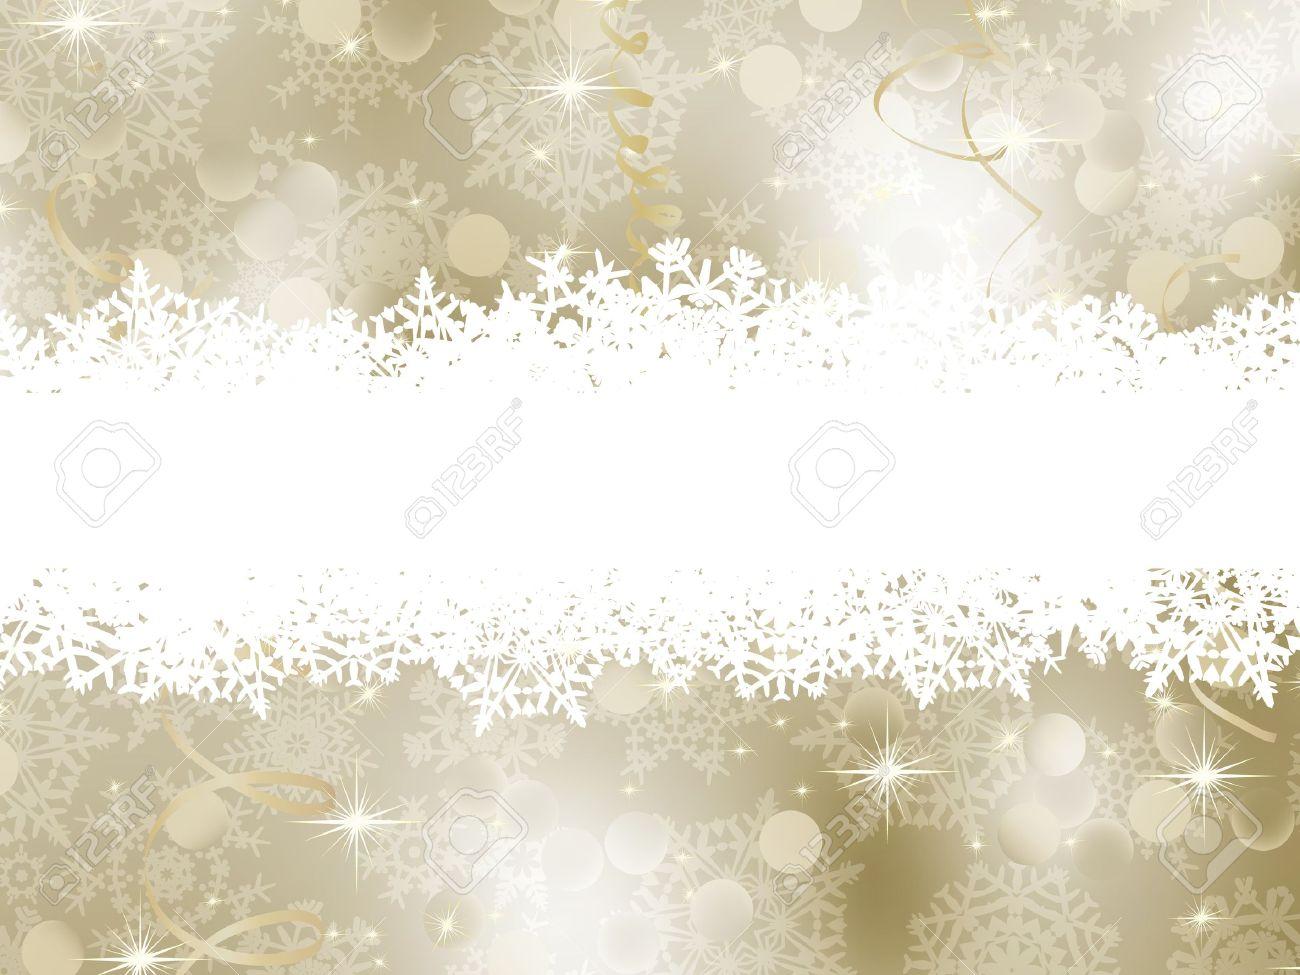 Elegant Christmas Background. Stock Photo - 10268977